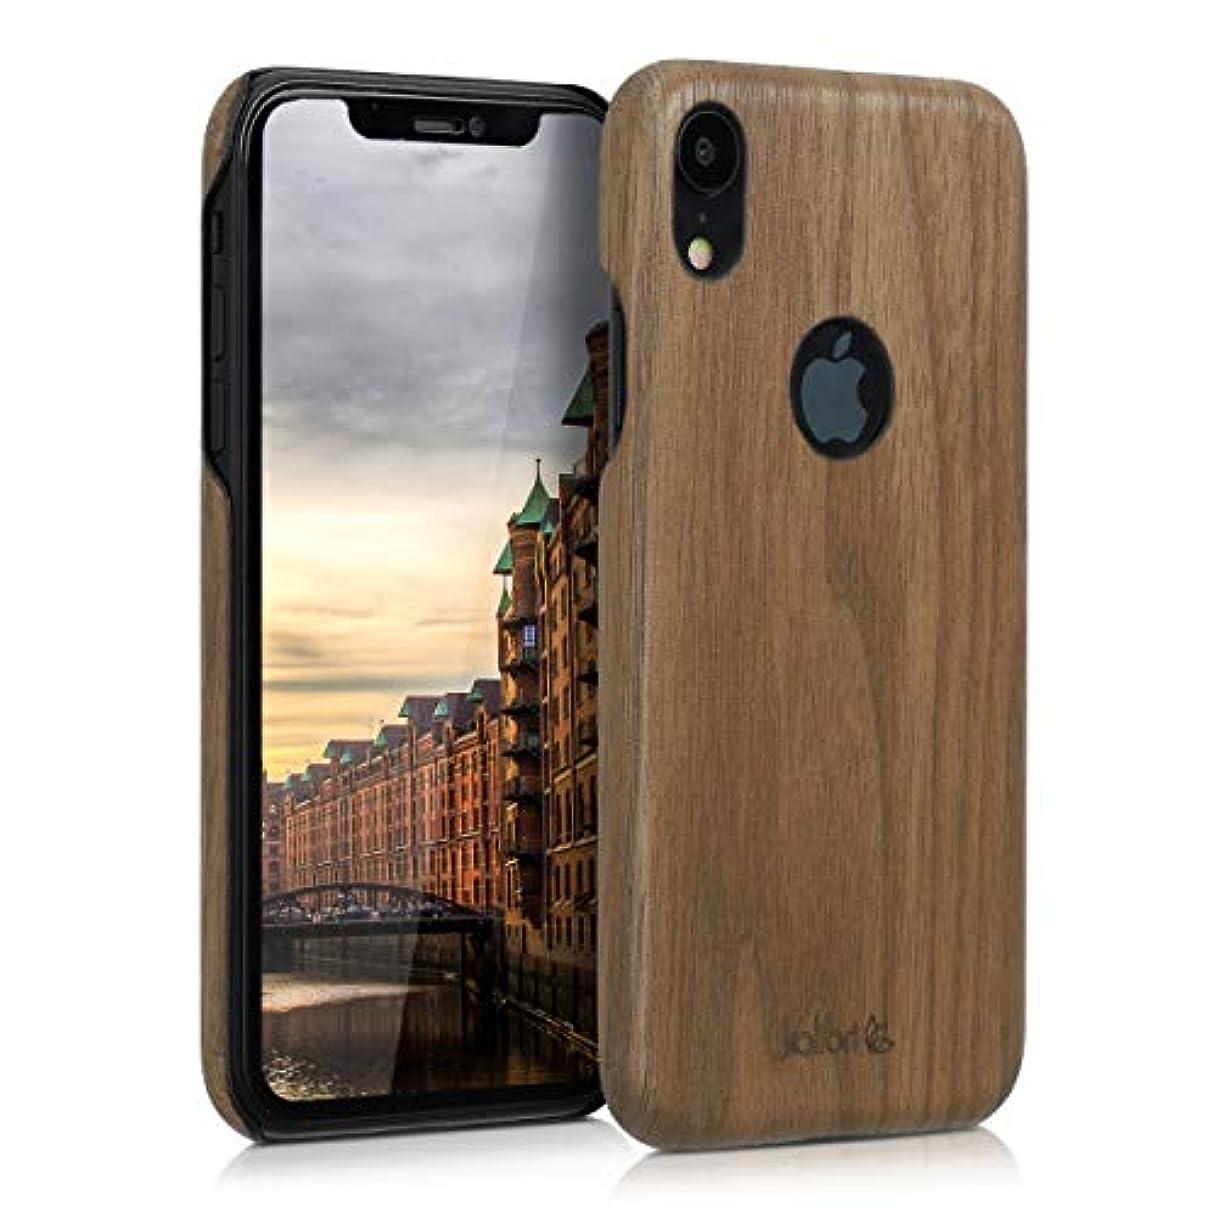 収まる再開パプアニューギニアkalibri Apple iPhone XR 用 ケース - 超スリム ウッド スマホカバー - 木製 携帯 保護ケース アイフォン